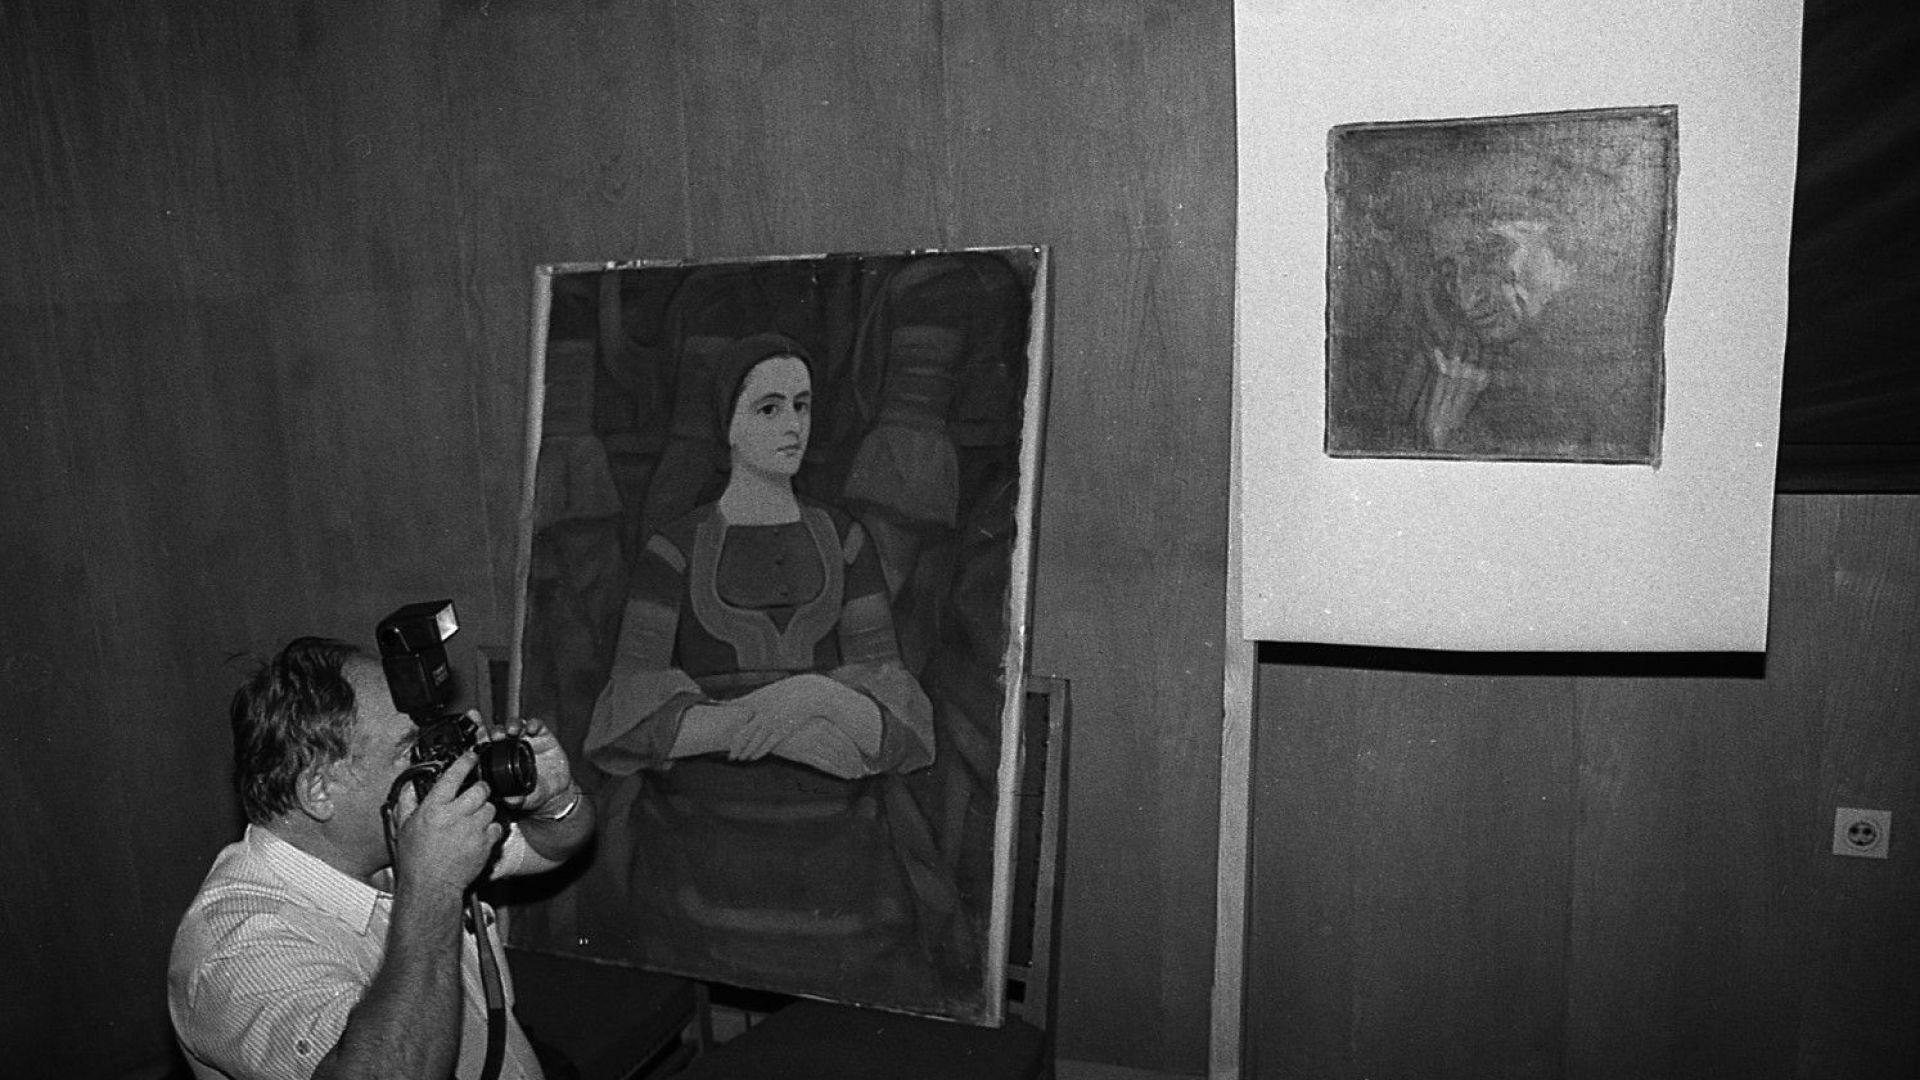 Юли, 1996 г. - На извънредна пресконференция МВР разкрива една от кражбите на картини на Владимир Димитров-Майстора